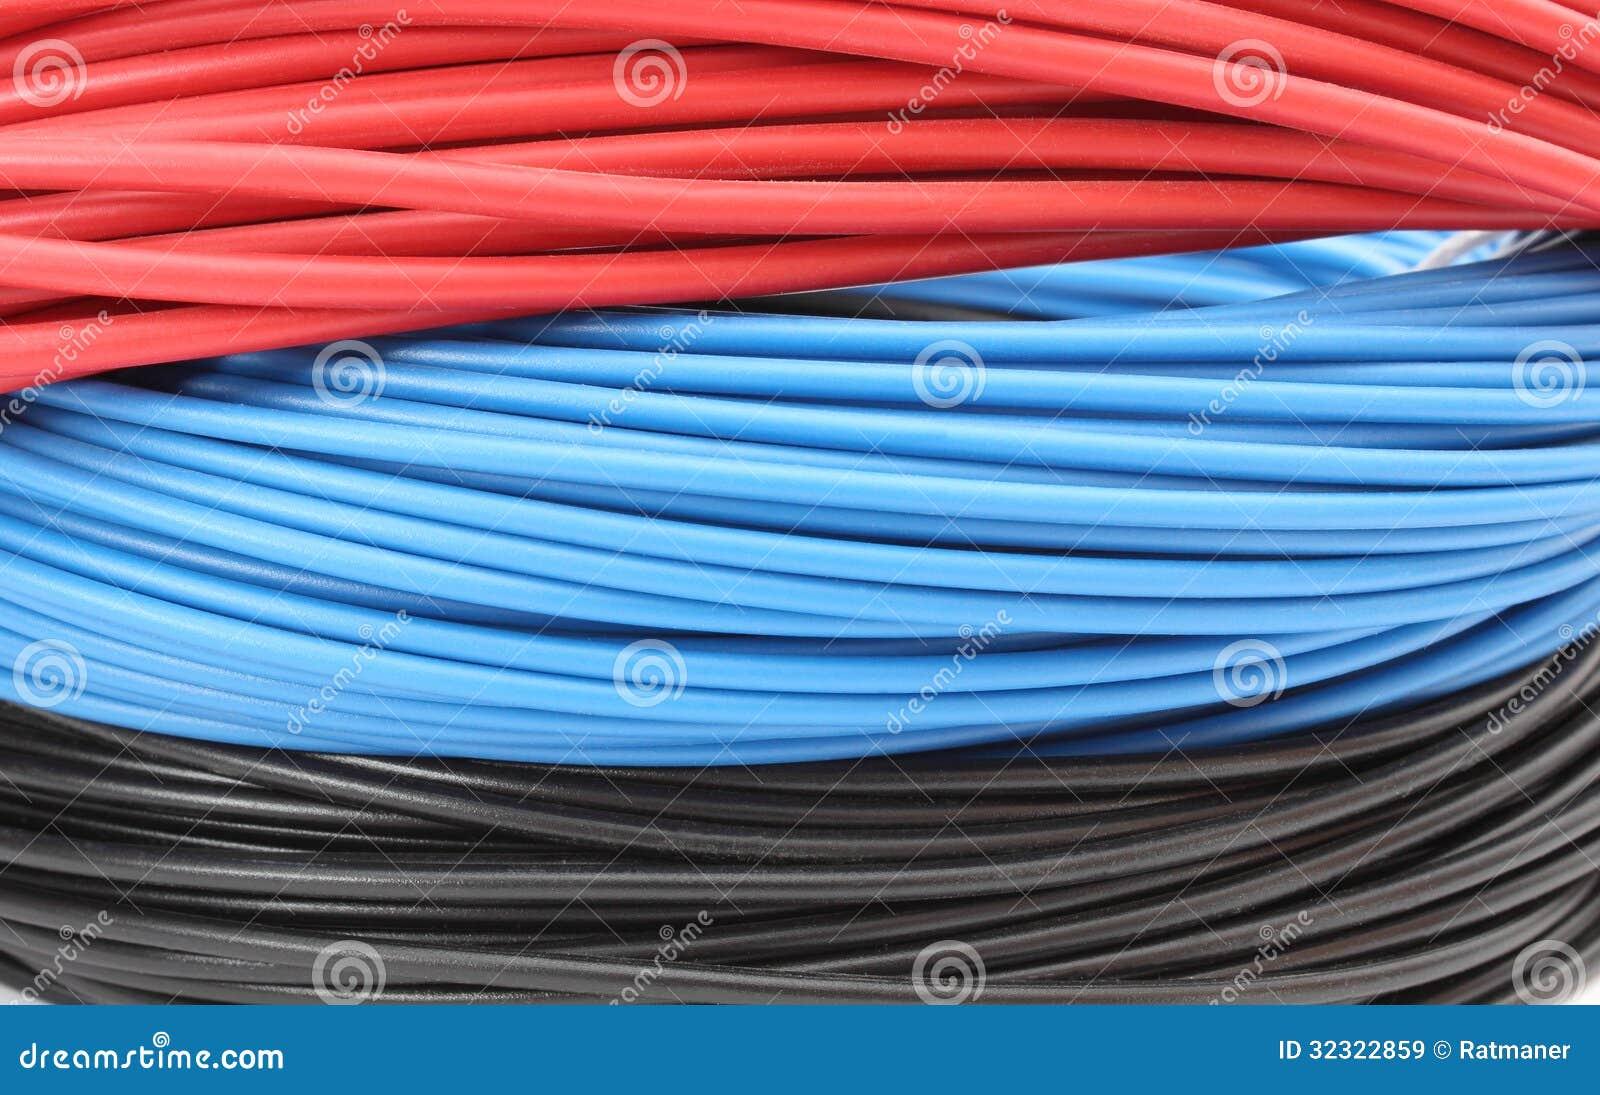 Berühmt Rote Und Weiße Elektrische Drähte Zeitgenössisch ...